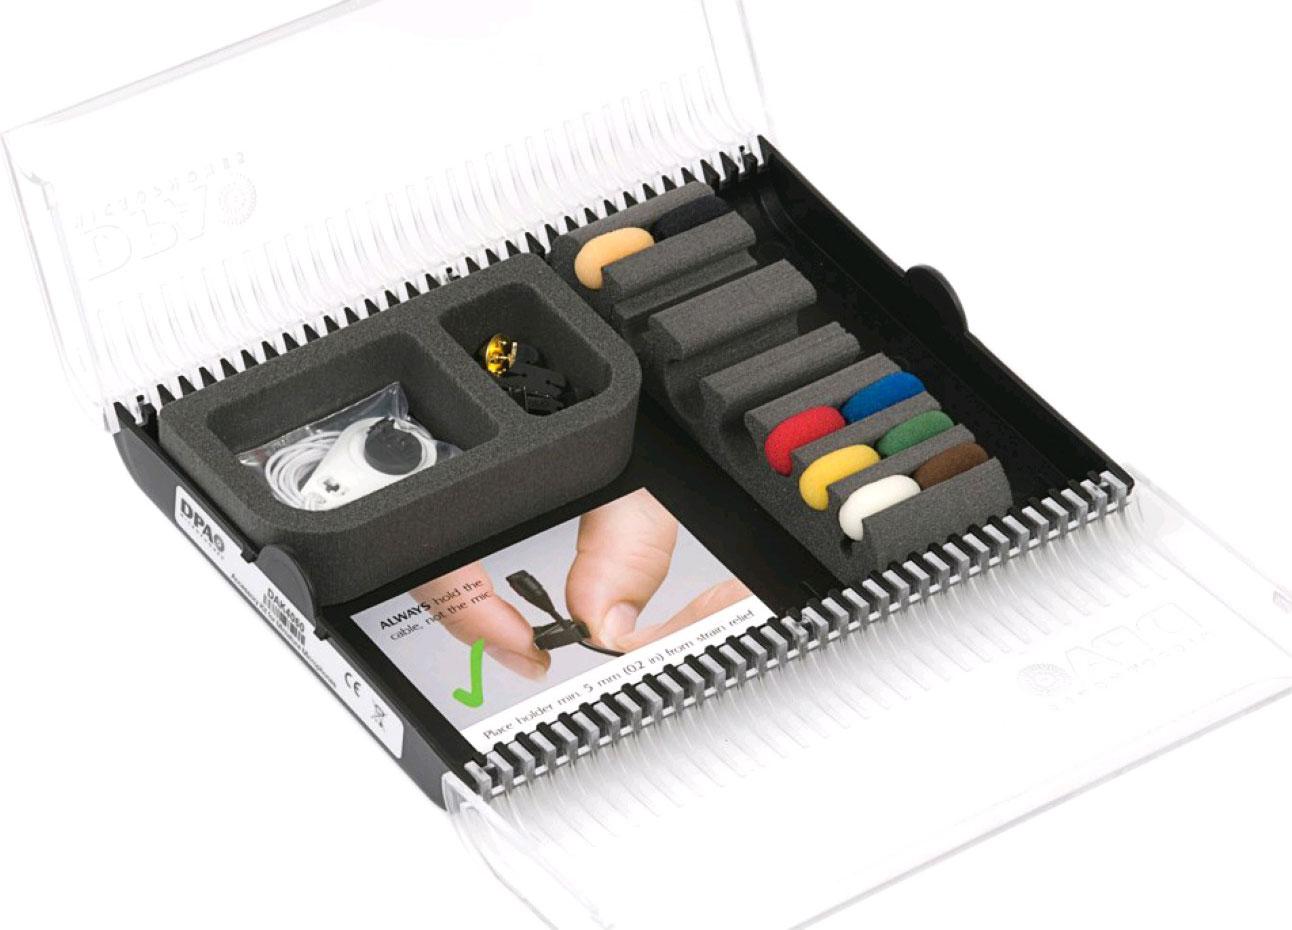 Аксессуары для микрофонов, радио и конференц-систем DPA DAK4060